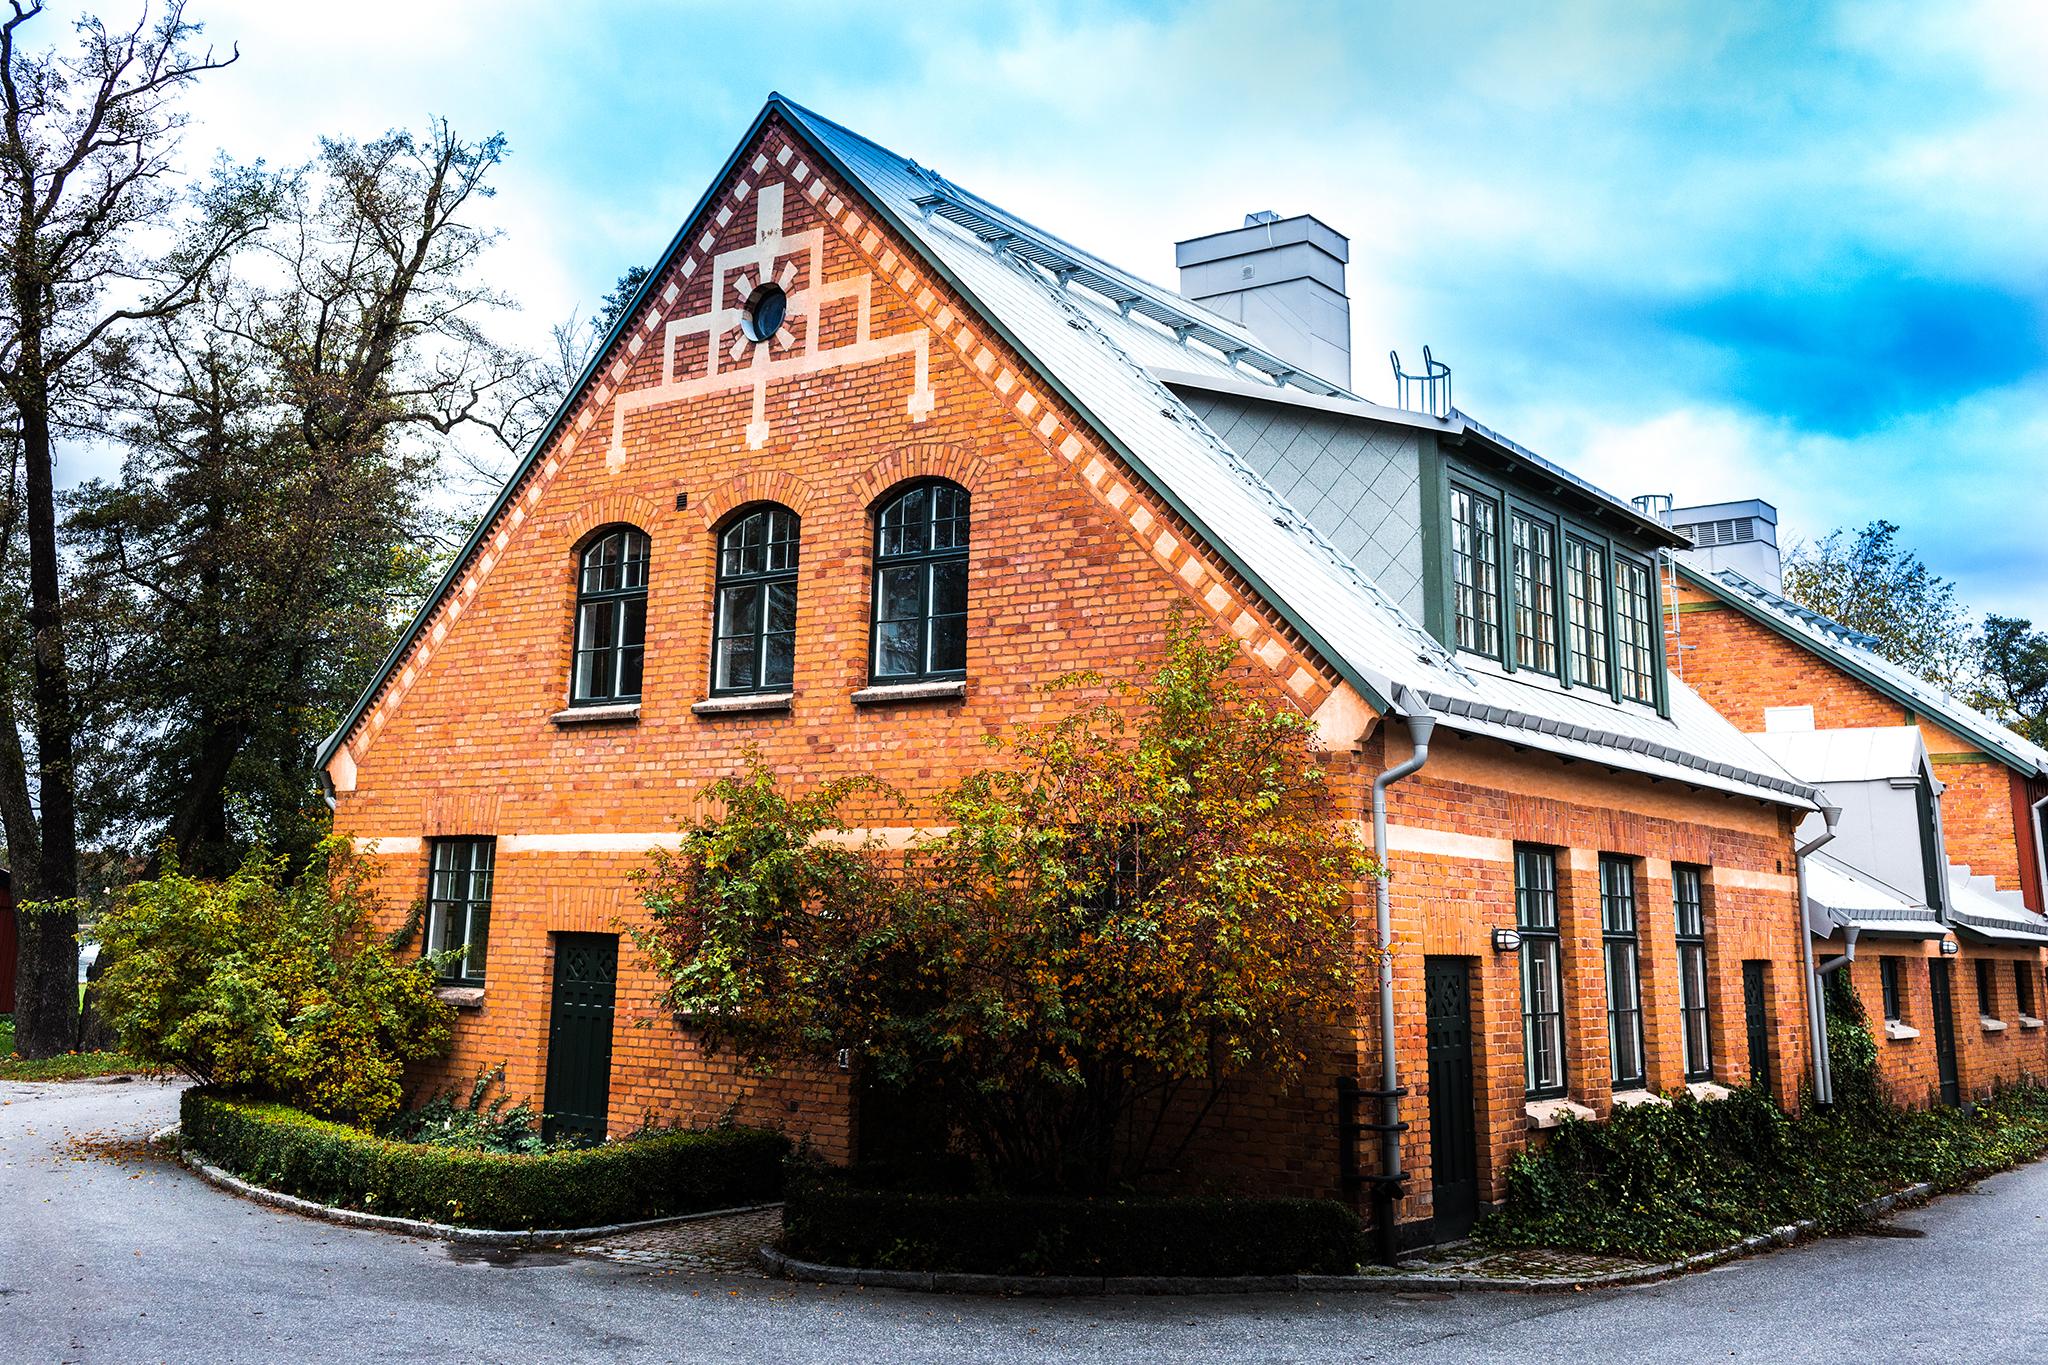 värdshuset kräftan stockholm